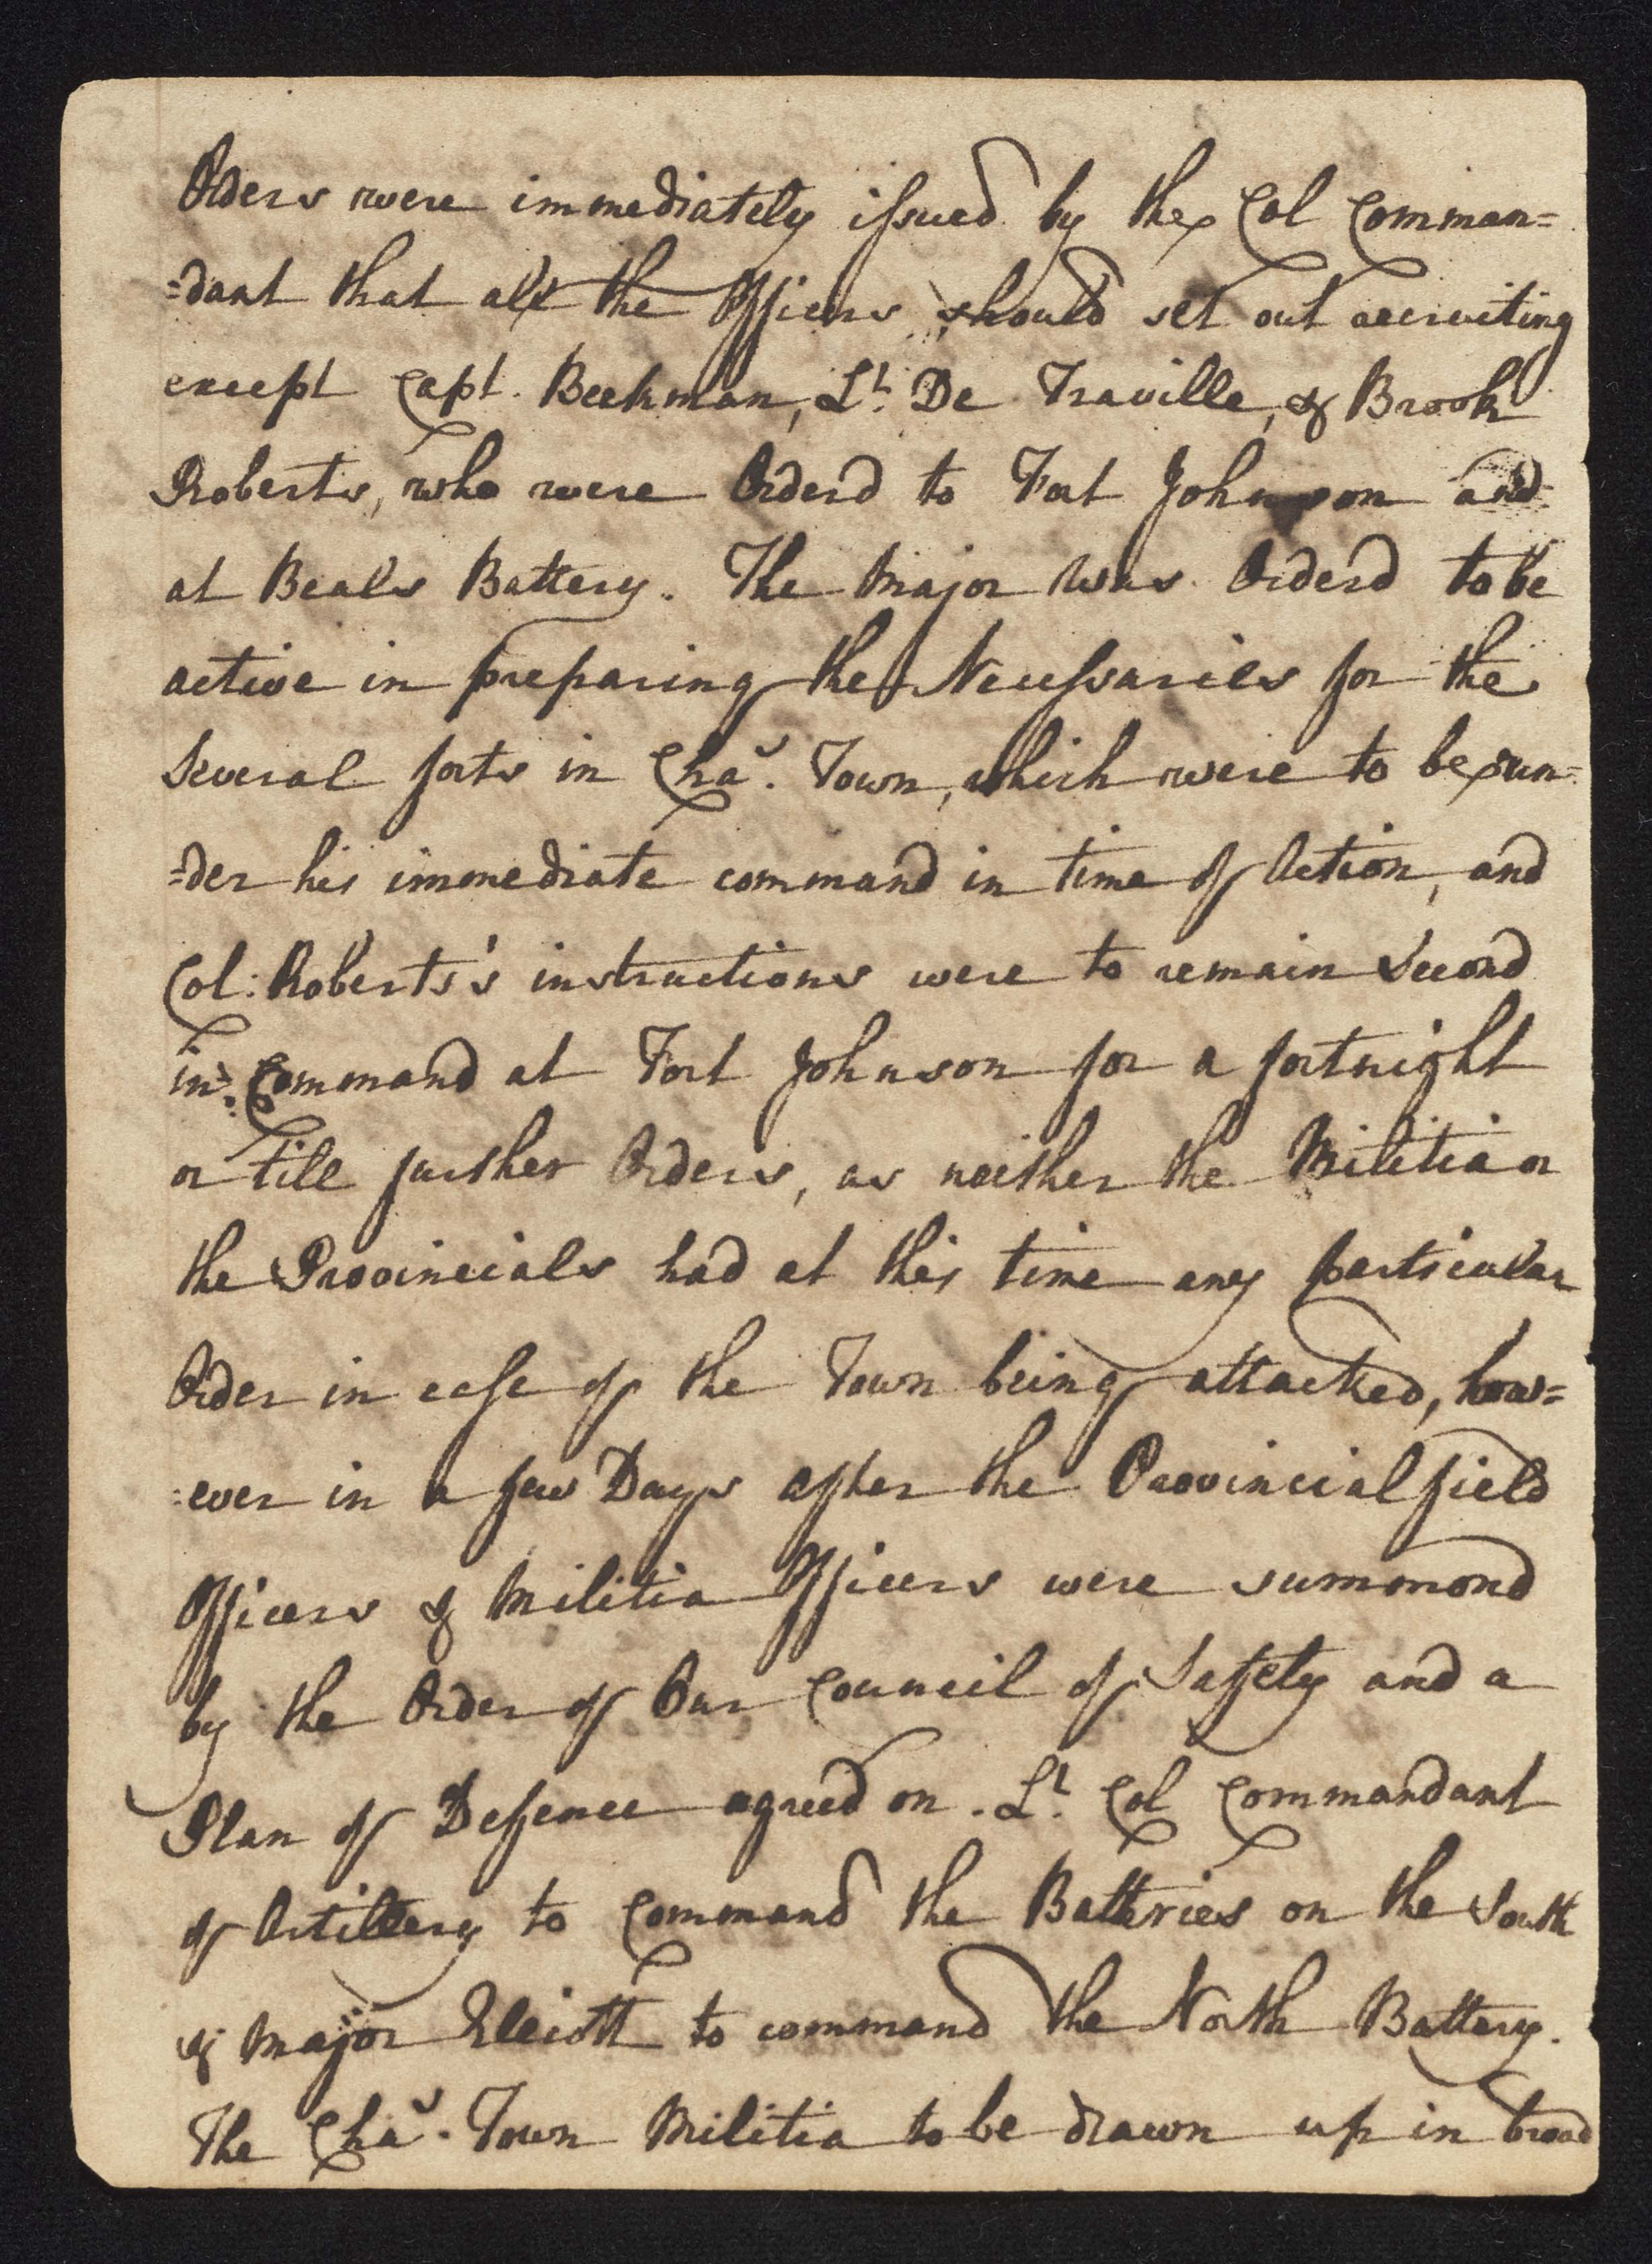 South Carolina Regiment Order Book, Page 50